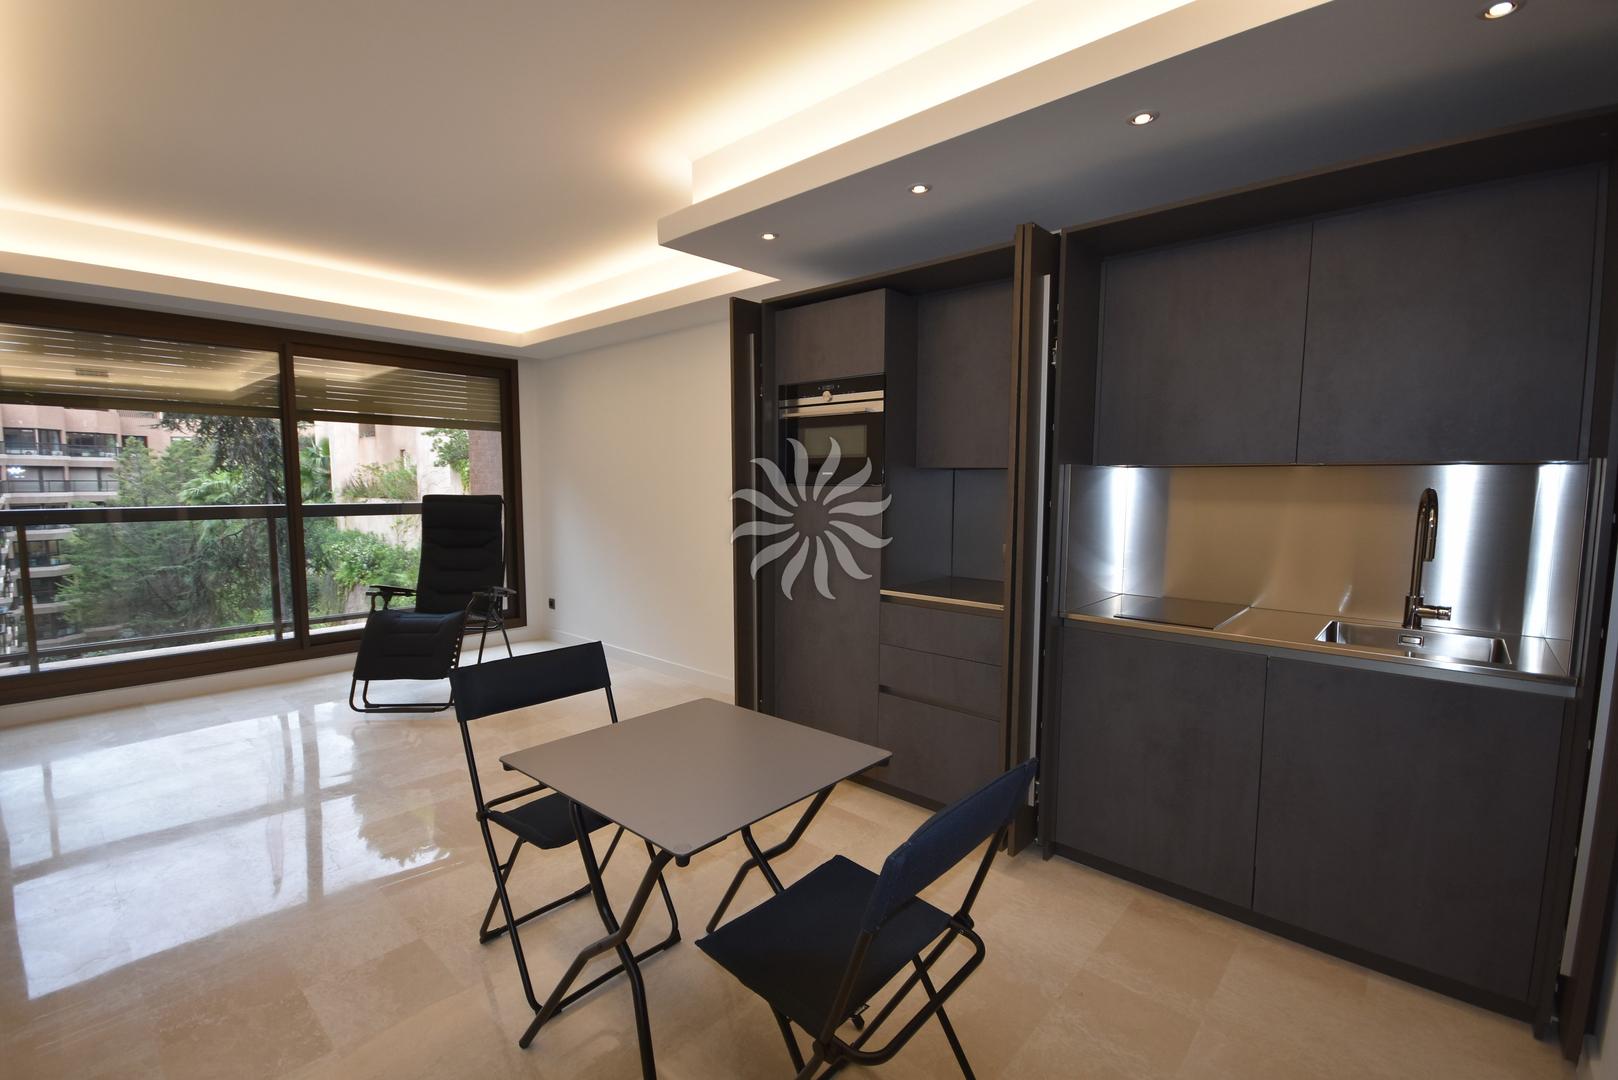 monte carlo sun new modern apartment piras immobilier monaco